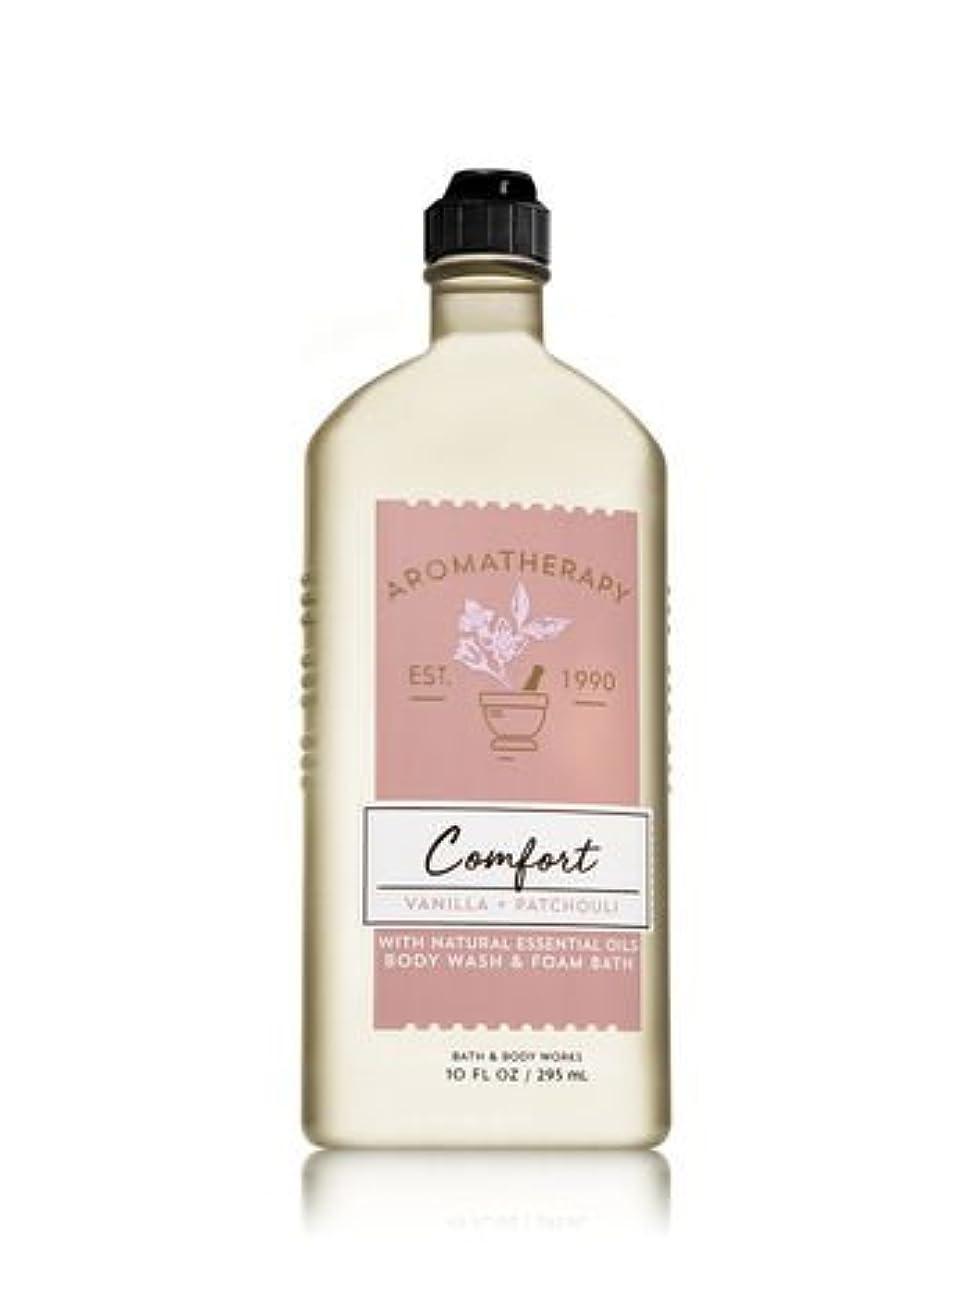 変成器本気寓話【Bath&Body Works/バス&ボディワークス】 ボディウォッシュ&フォームバス アロマセラピー コンフォート バニラパチョリ Body Wash & Foam Bath Aromatherapy Comfort Vanilla Patchouli 10 fl oz / 295 mL [並行輸入品]